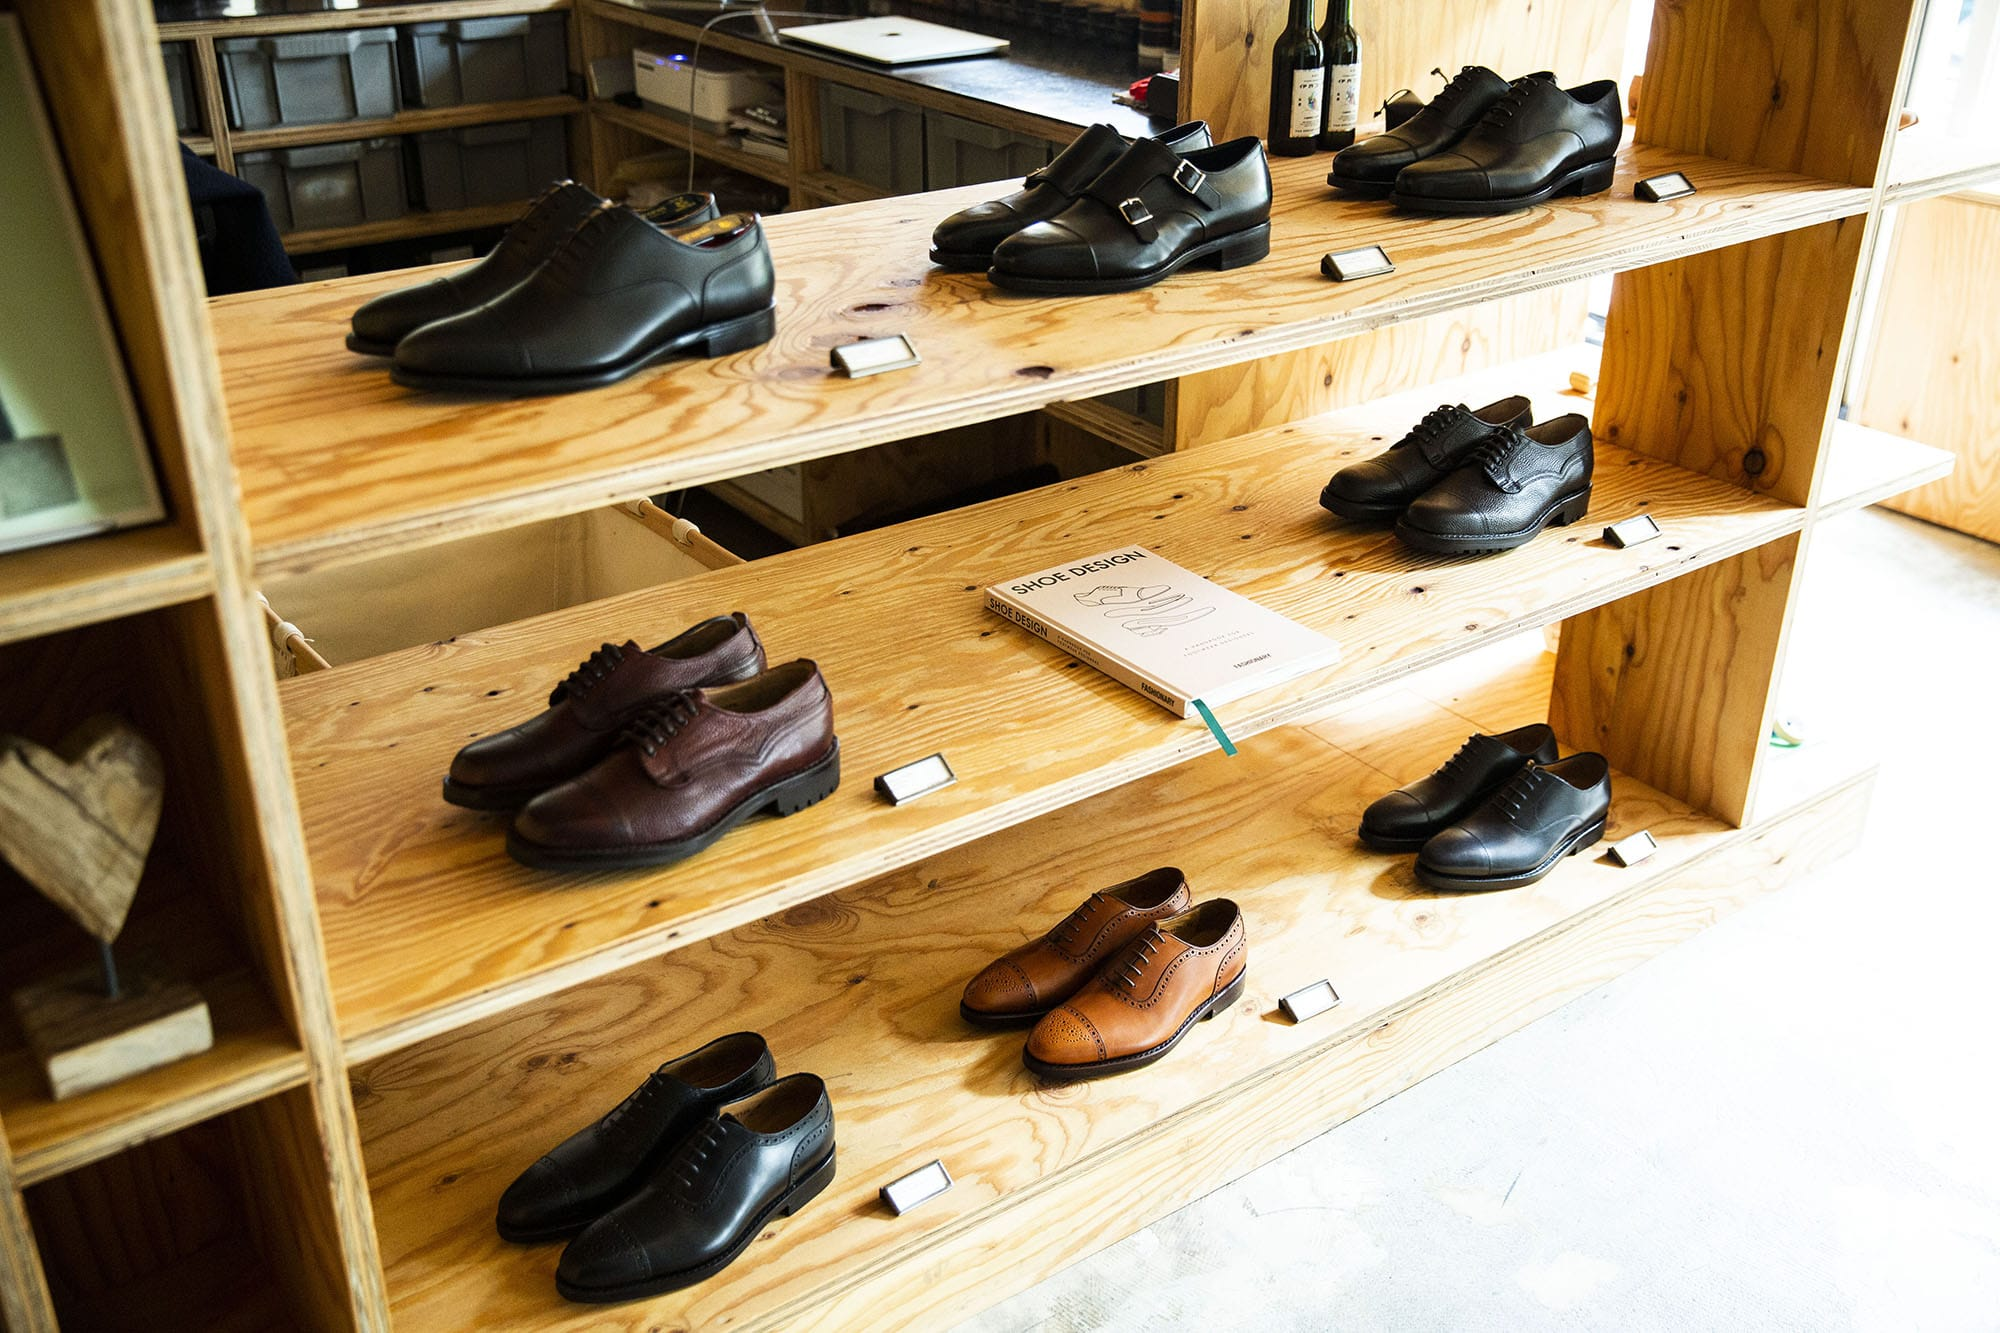 ジョセフ チーニー 靴磨き芸人 奥野 奏さん SHOEBOYS ディスプレイ